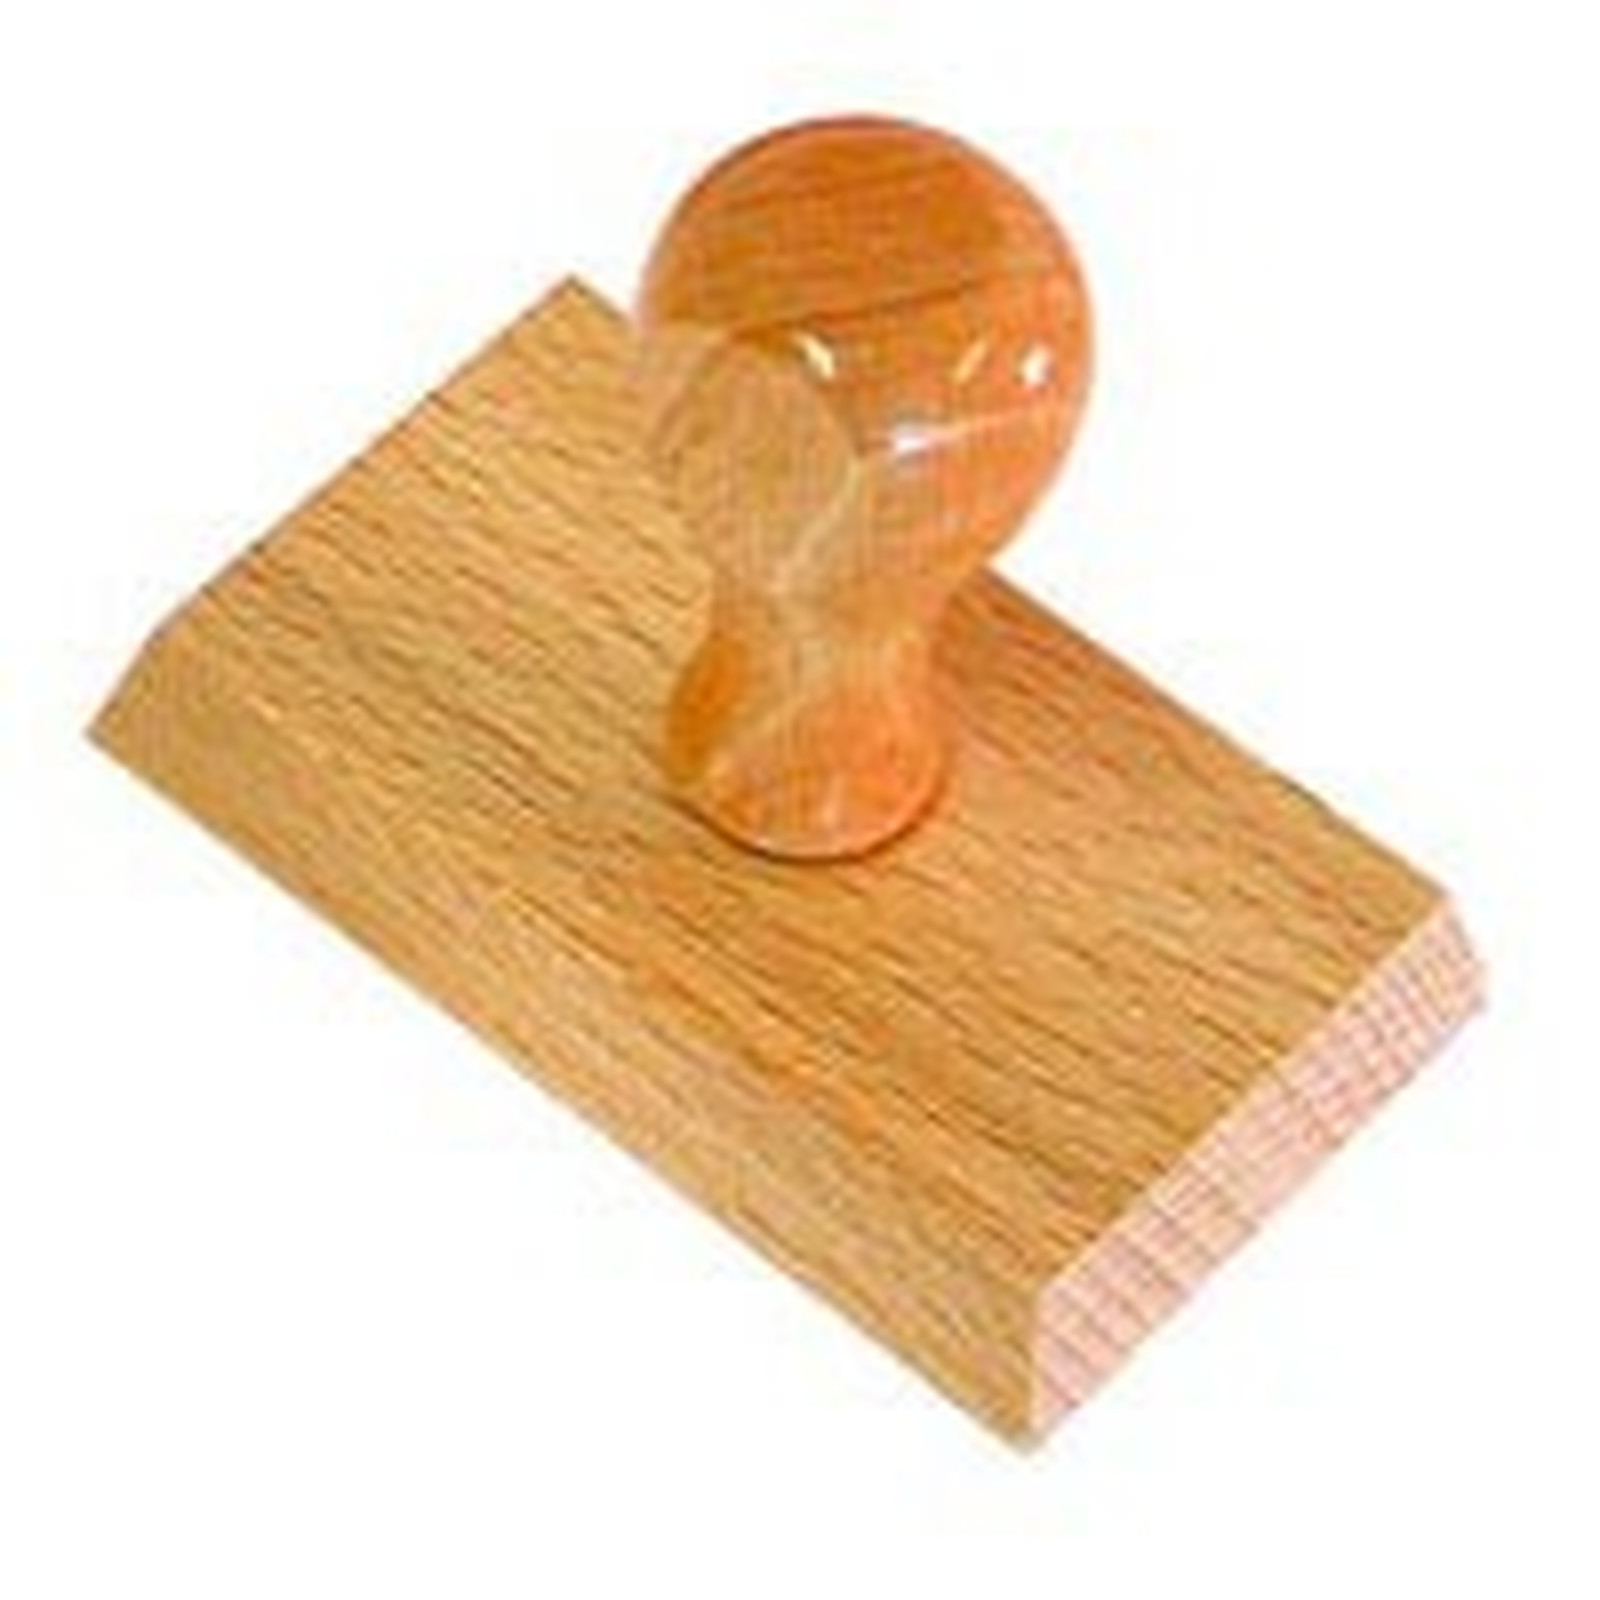 Timbre en bois 4 lignes sans cadre